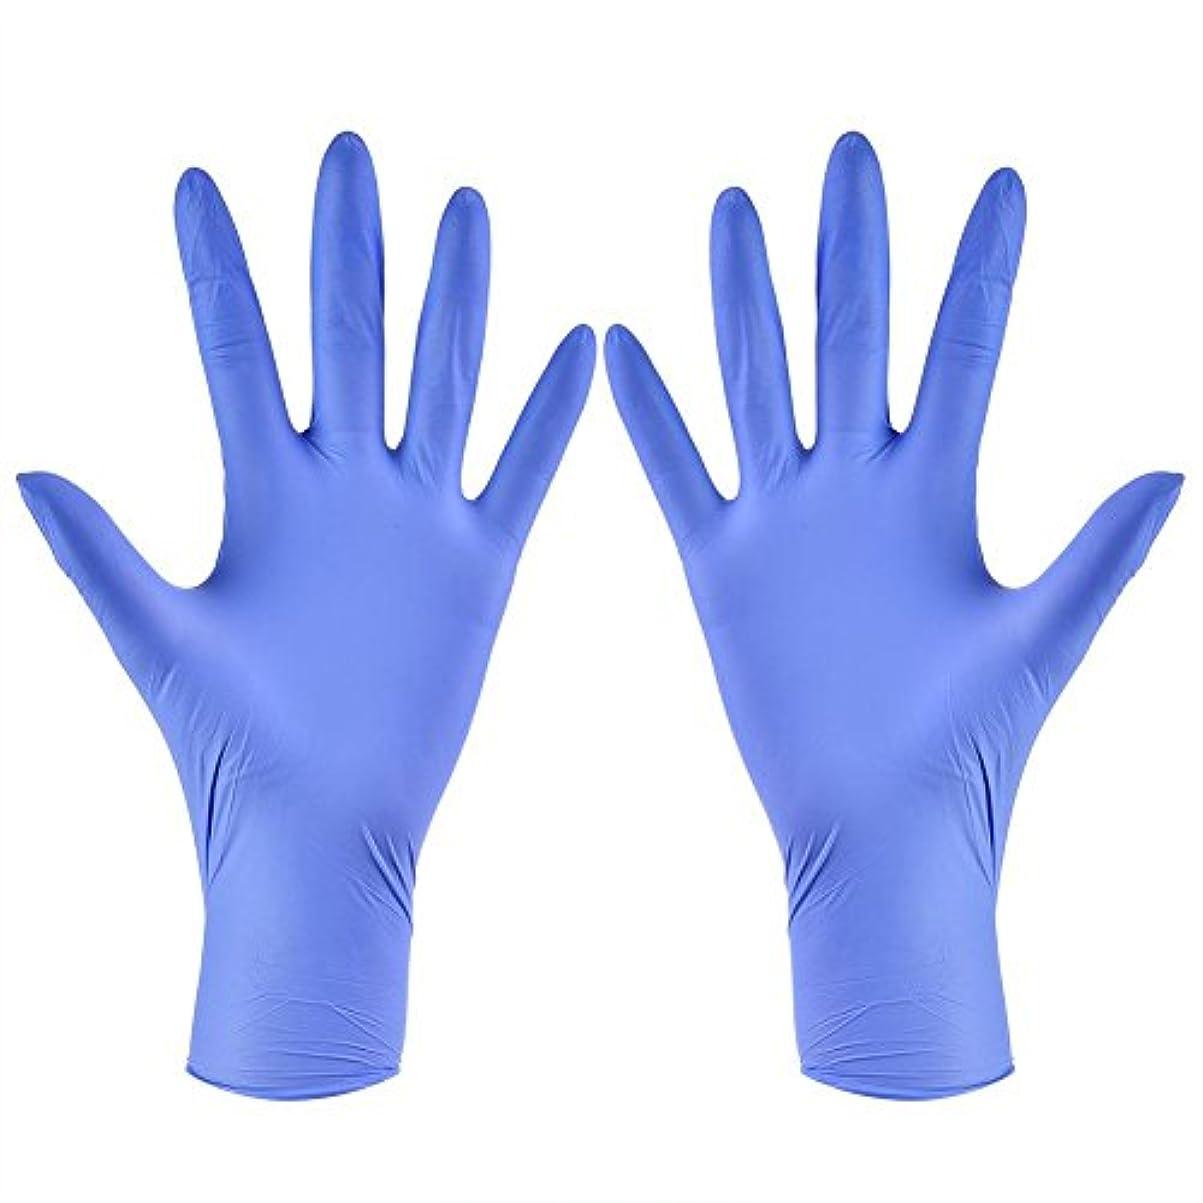 扇動消化手書き使い捨て手袋 ニトリルグローブ ホワイト 粉なし タトゥー/歯科/病院/研究室に適応 S/M/L/XL選択可 100枚 左右兼用(XL)